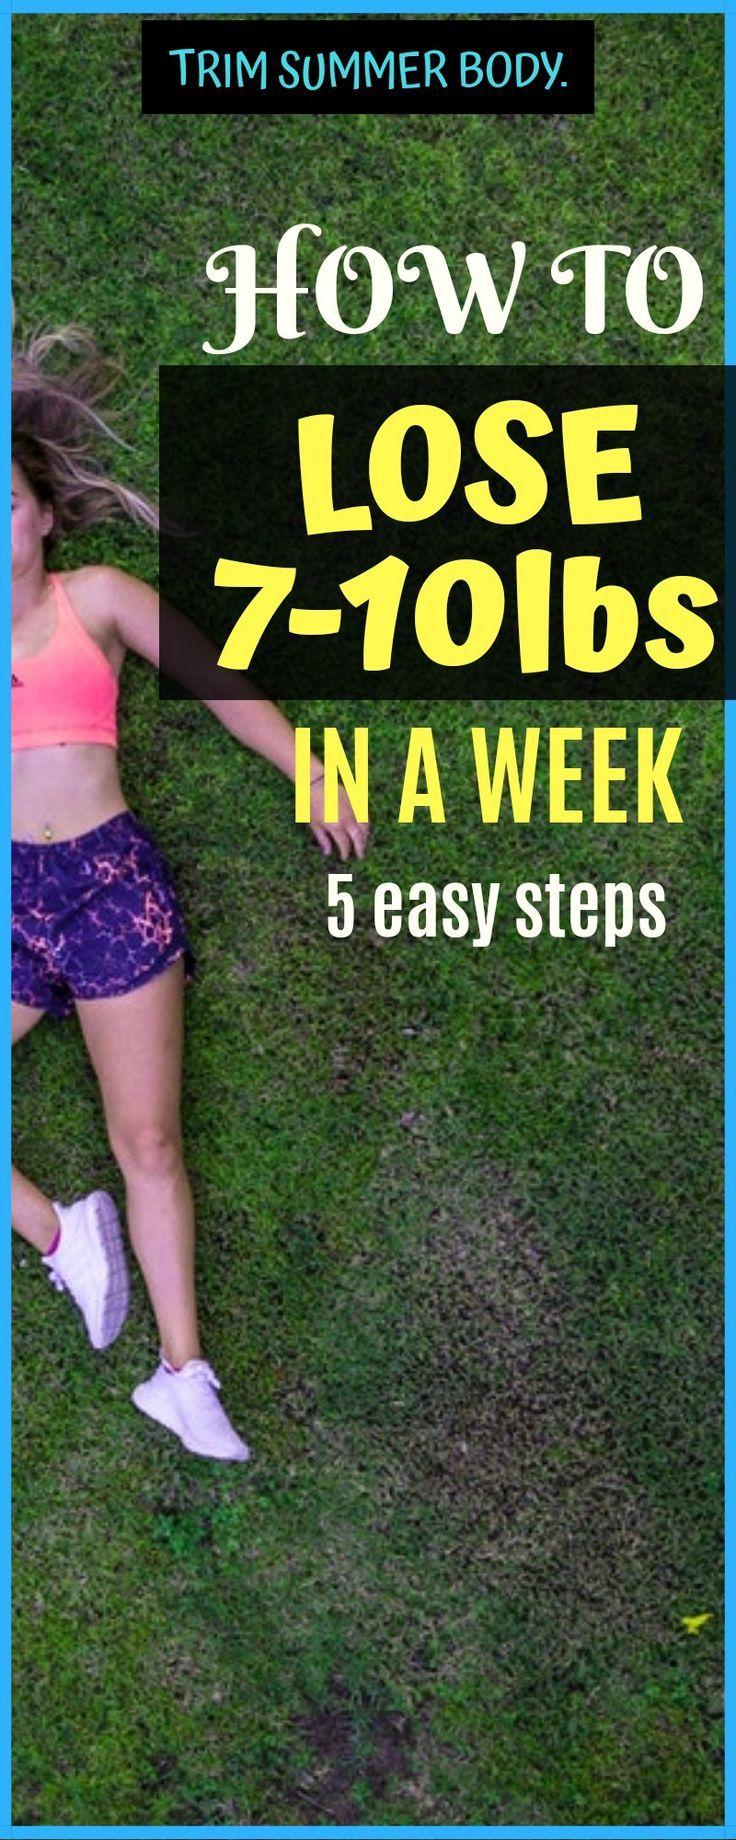 Photo of Wie man schnell Gewicht verliert, verlieren Sie 7-10 Pfund in einer Woche